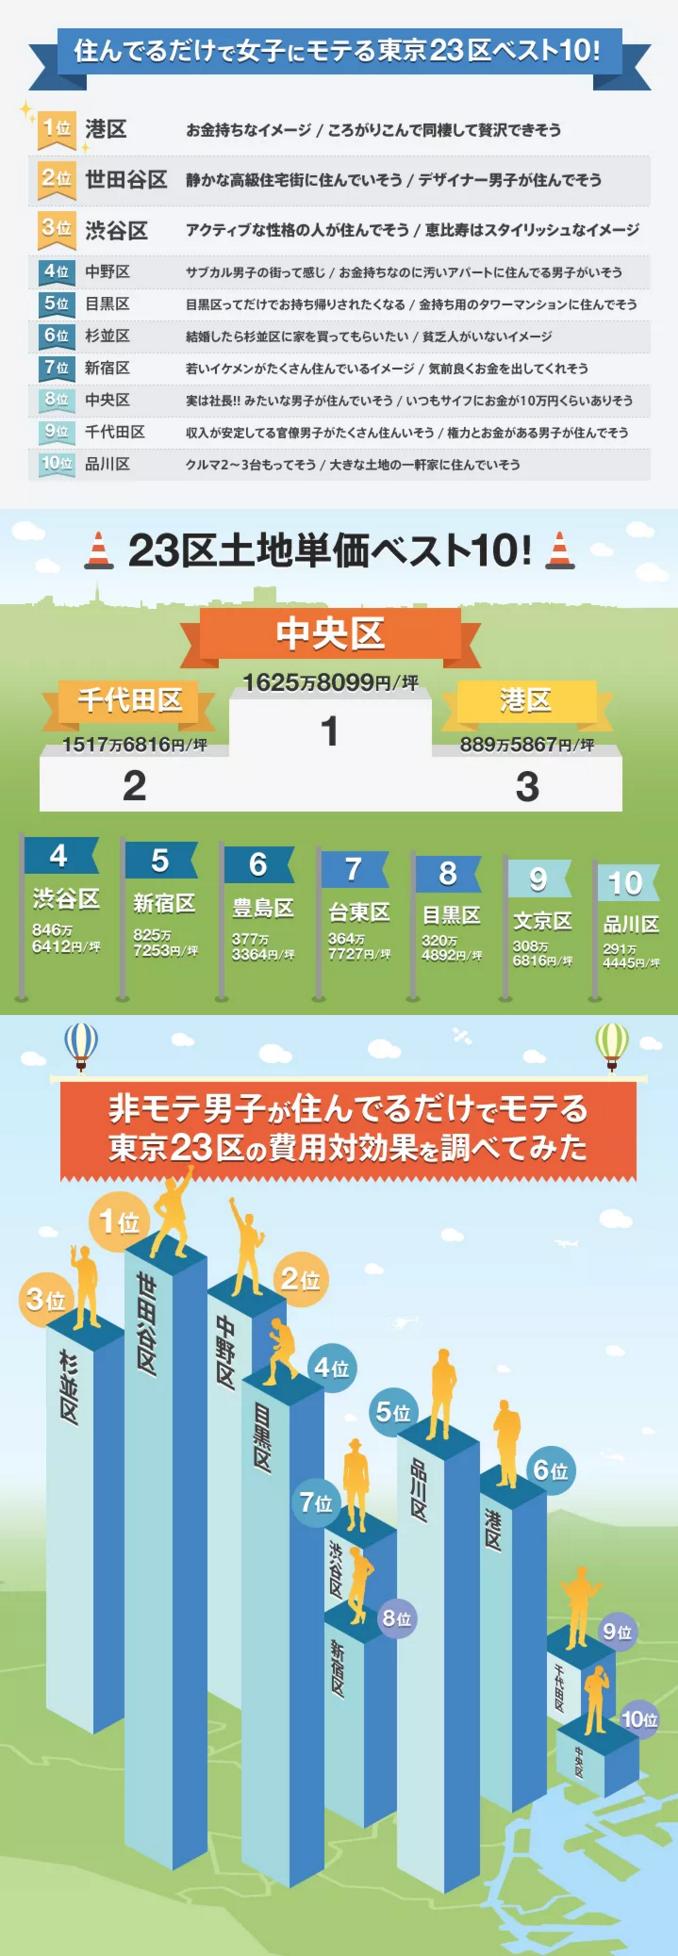 インフォグラフィック:東京23区モテるエリアランキング。引越すだけでモテ男